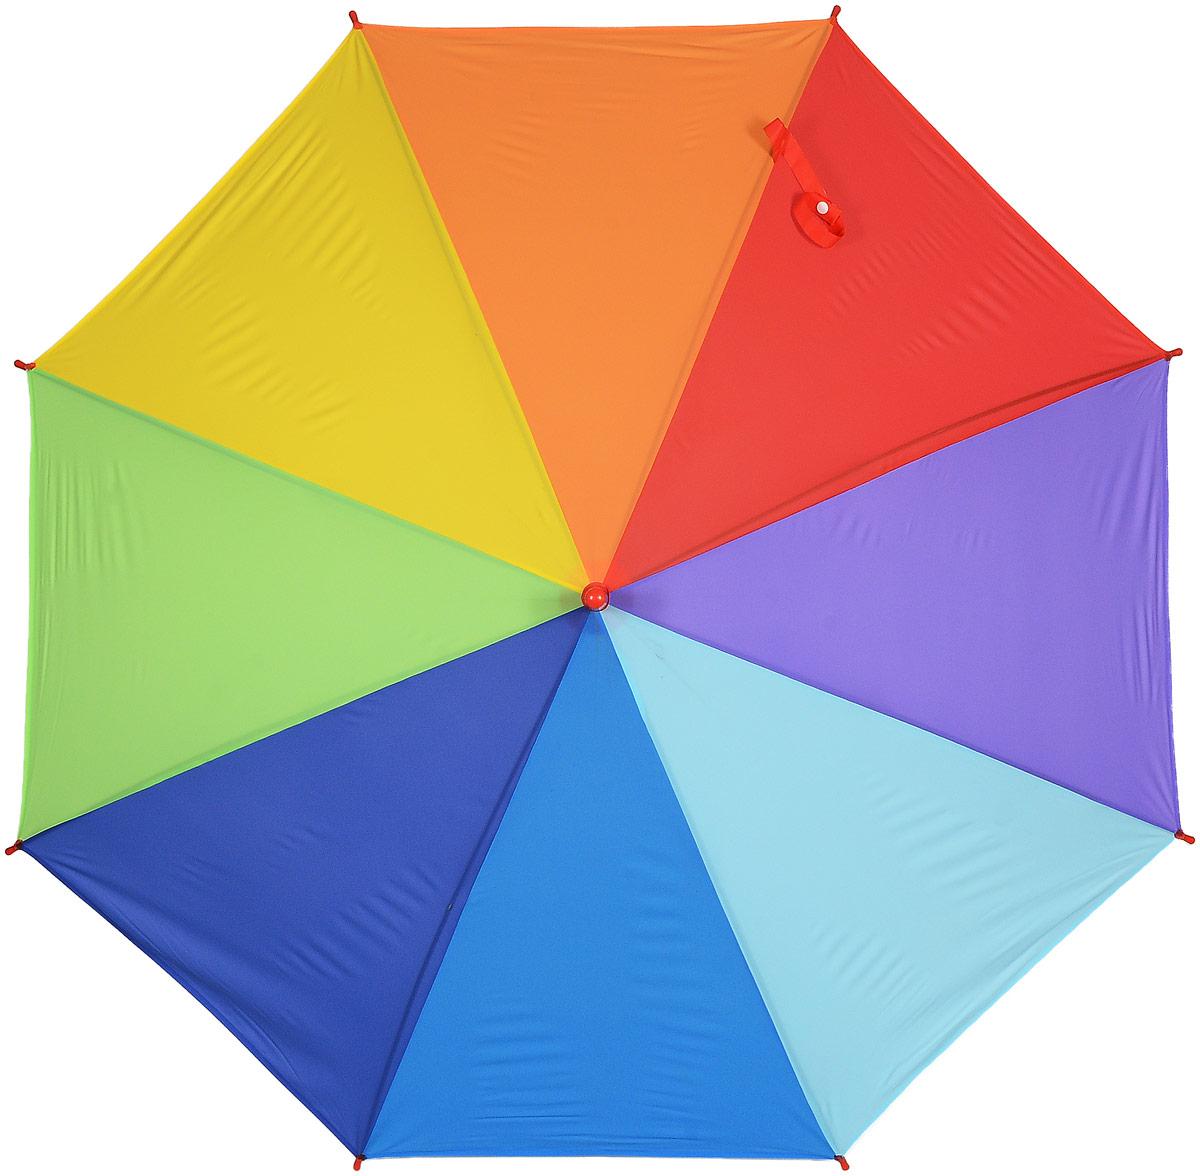 Зонт женский Эврика Радуга, цвет: зеленый, желтый, синий. 97503K50K502473_0010Стильный механический зонт Эврика Радуга даже в ненастную погоду позволит вам оставаться стильной и элегантной. Каркас зонта из металла состоит из восьми спиц, оснащен удобной рукояткой. Купол зонта выполнен из прочного поливинилхлорида. Закрытый купол фиксируется хлястиком на кнопке.